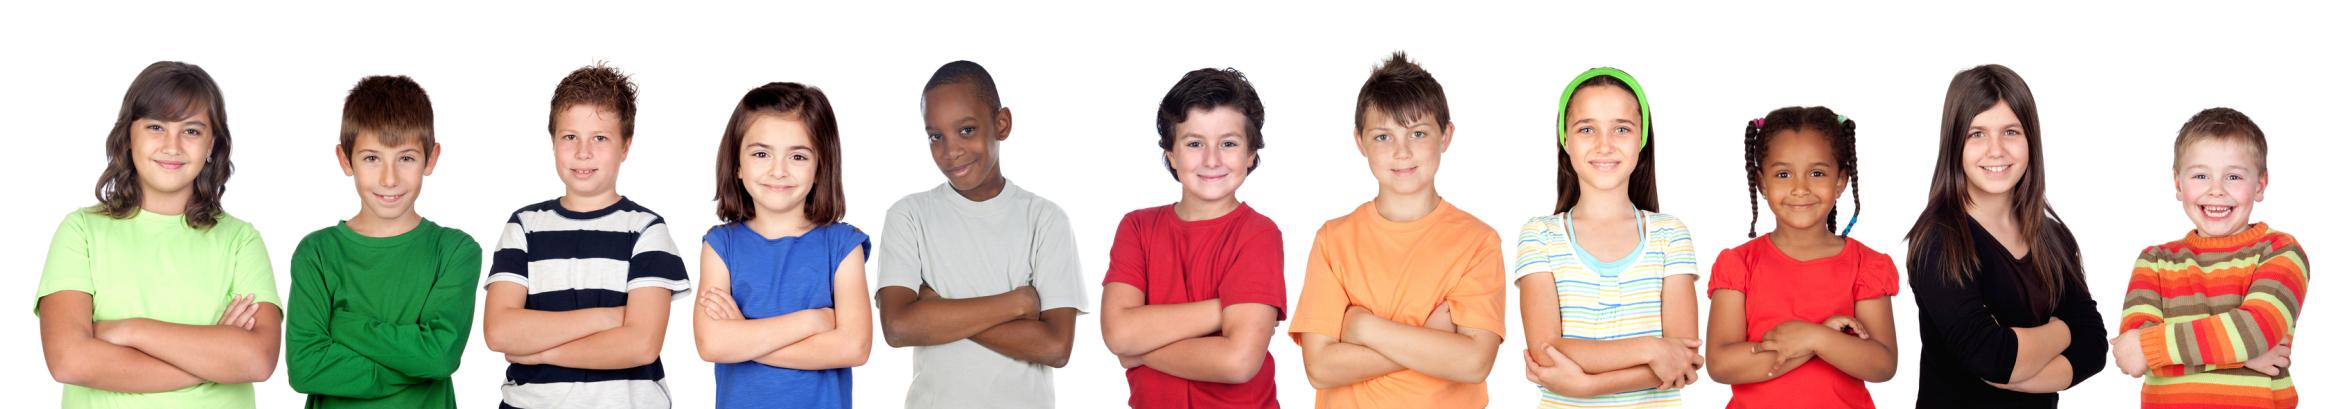 Kinderreihe